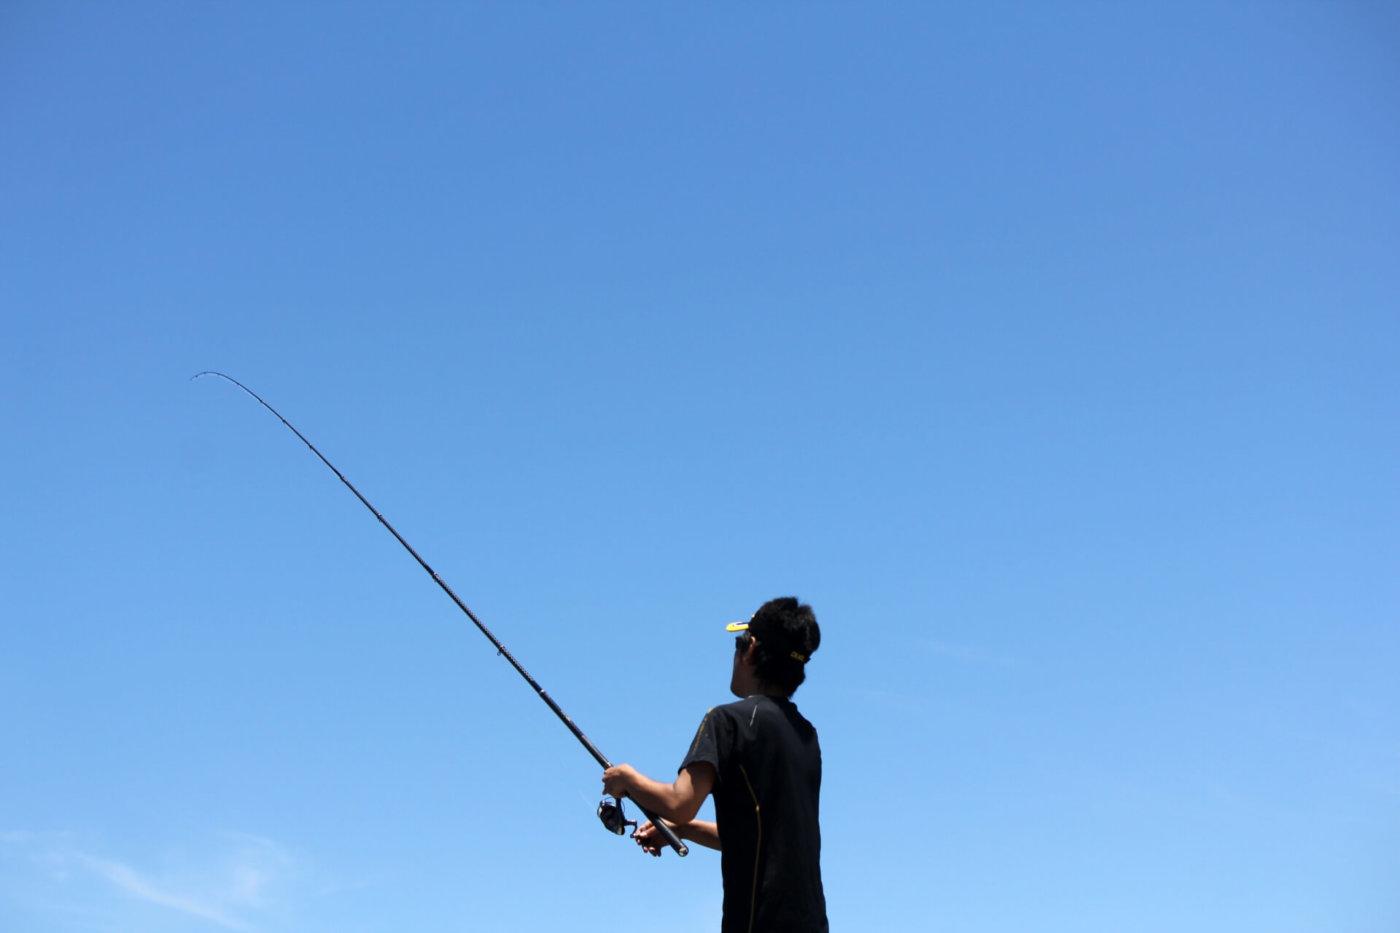 教えて!5月に釣りをするとどんな魚がとれる?